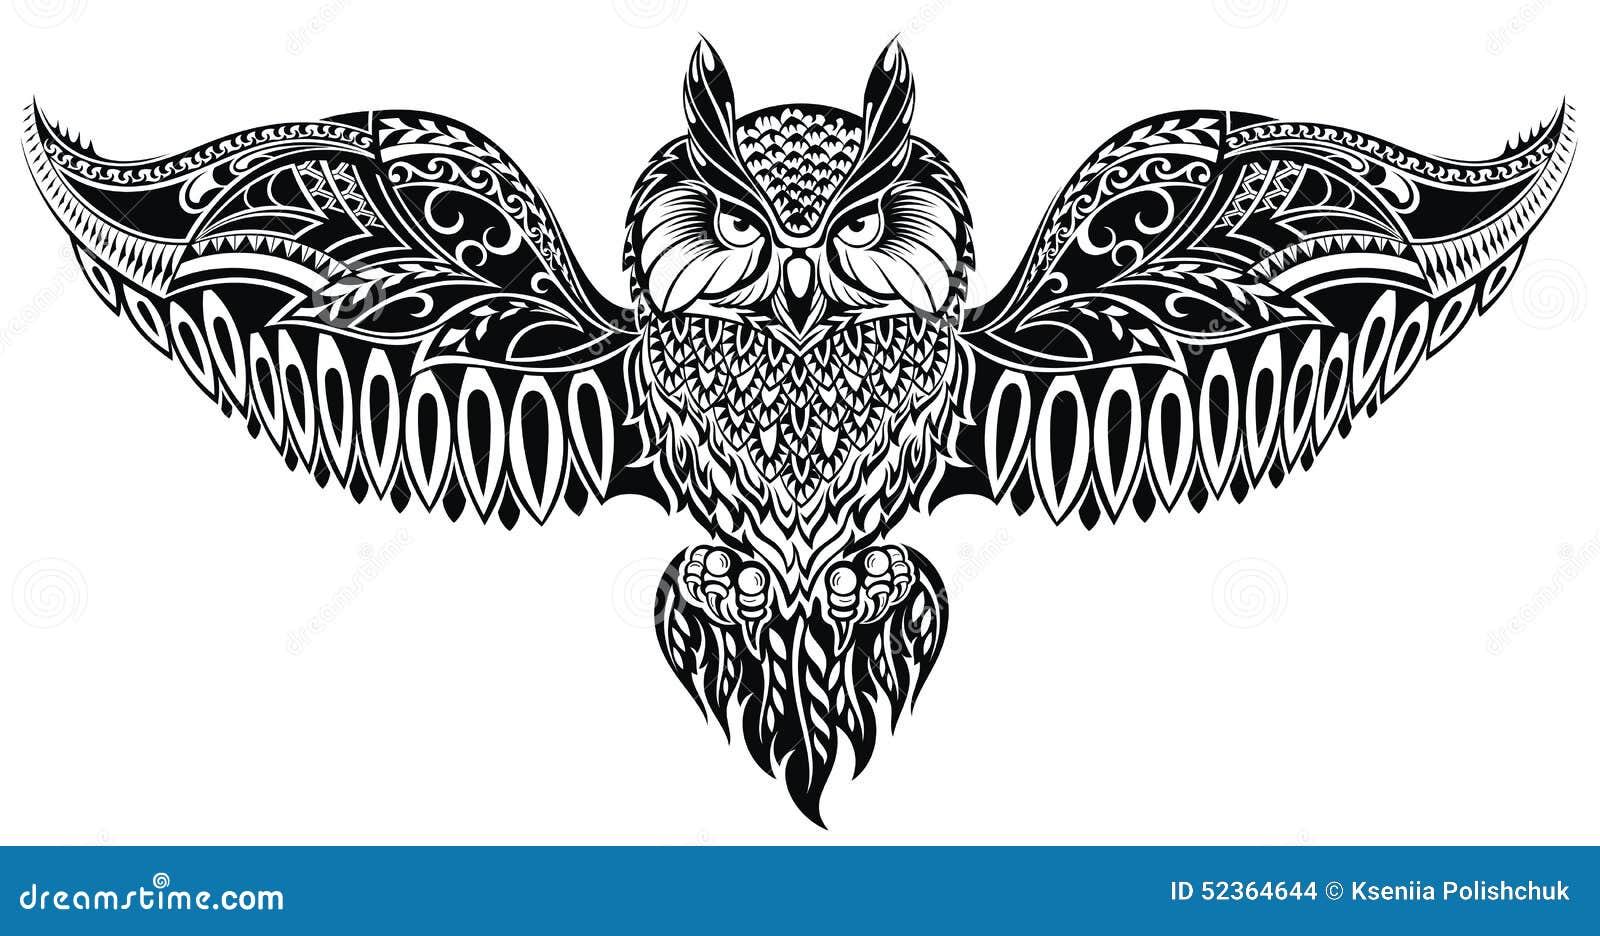 Hibou Dans Le Style De Tatouage Illustration Vecteur